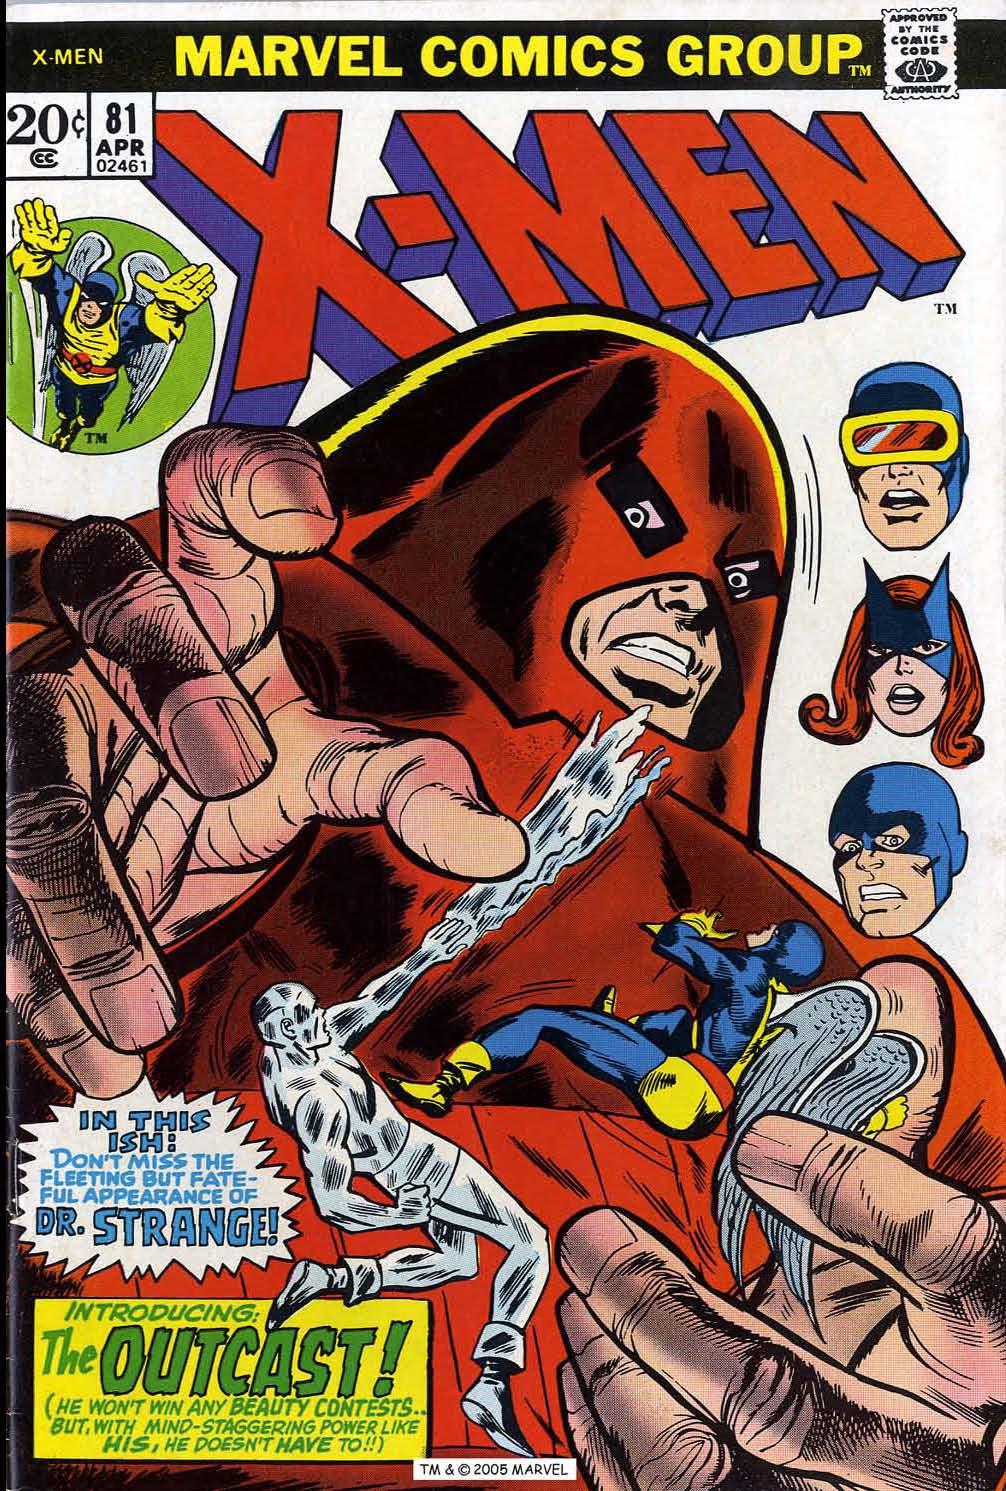 Read online Uncanny X-Men (1963) comic -  Issue #81 - 1